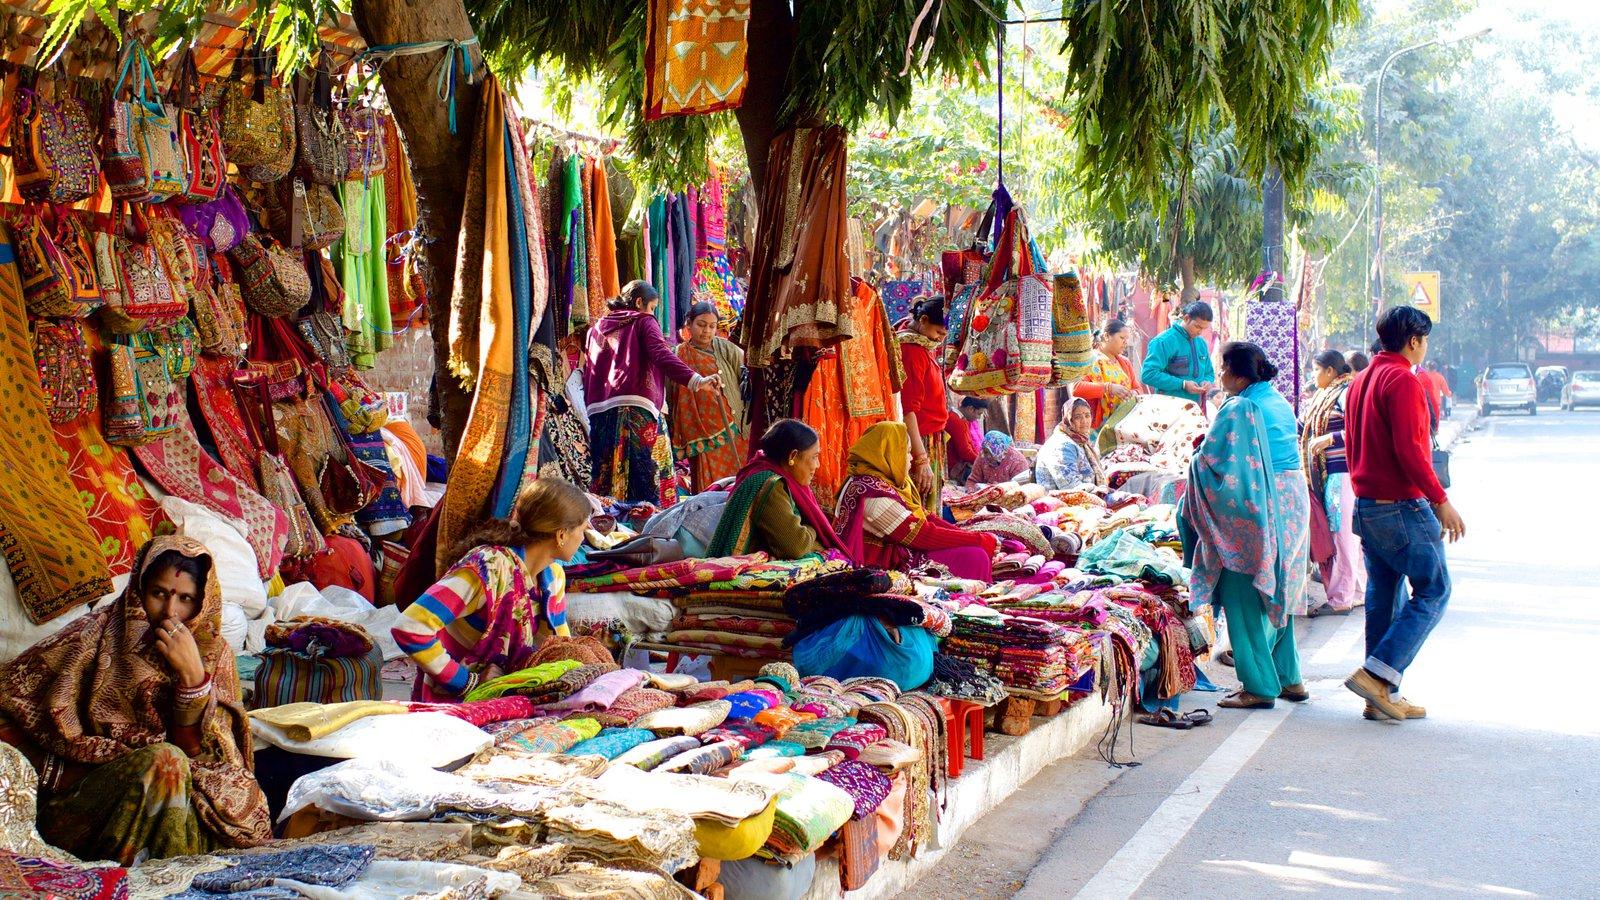 بالصور صور هنديه , احلى صور من الهند 344 13